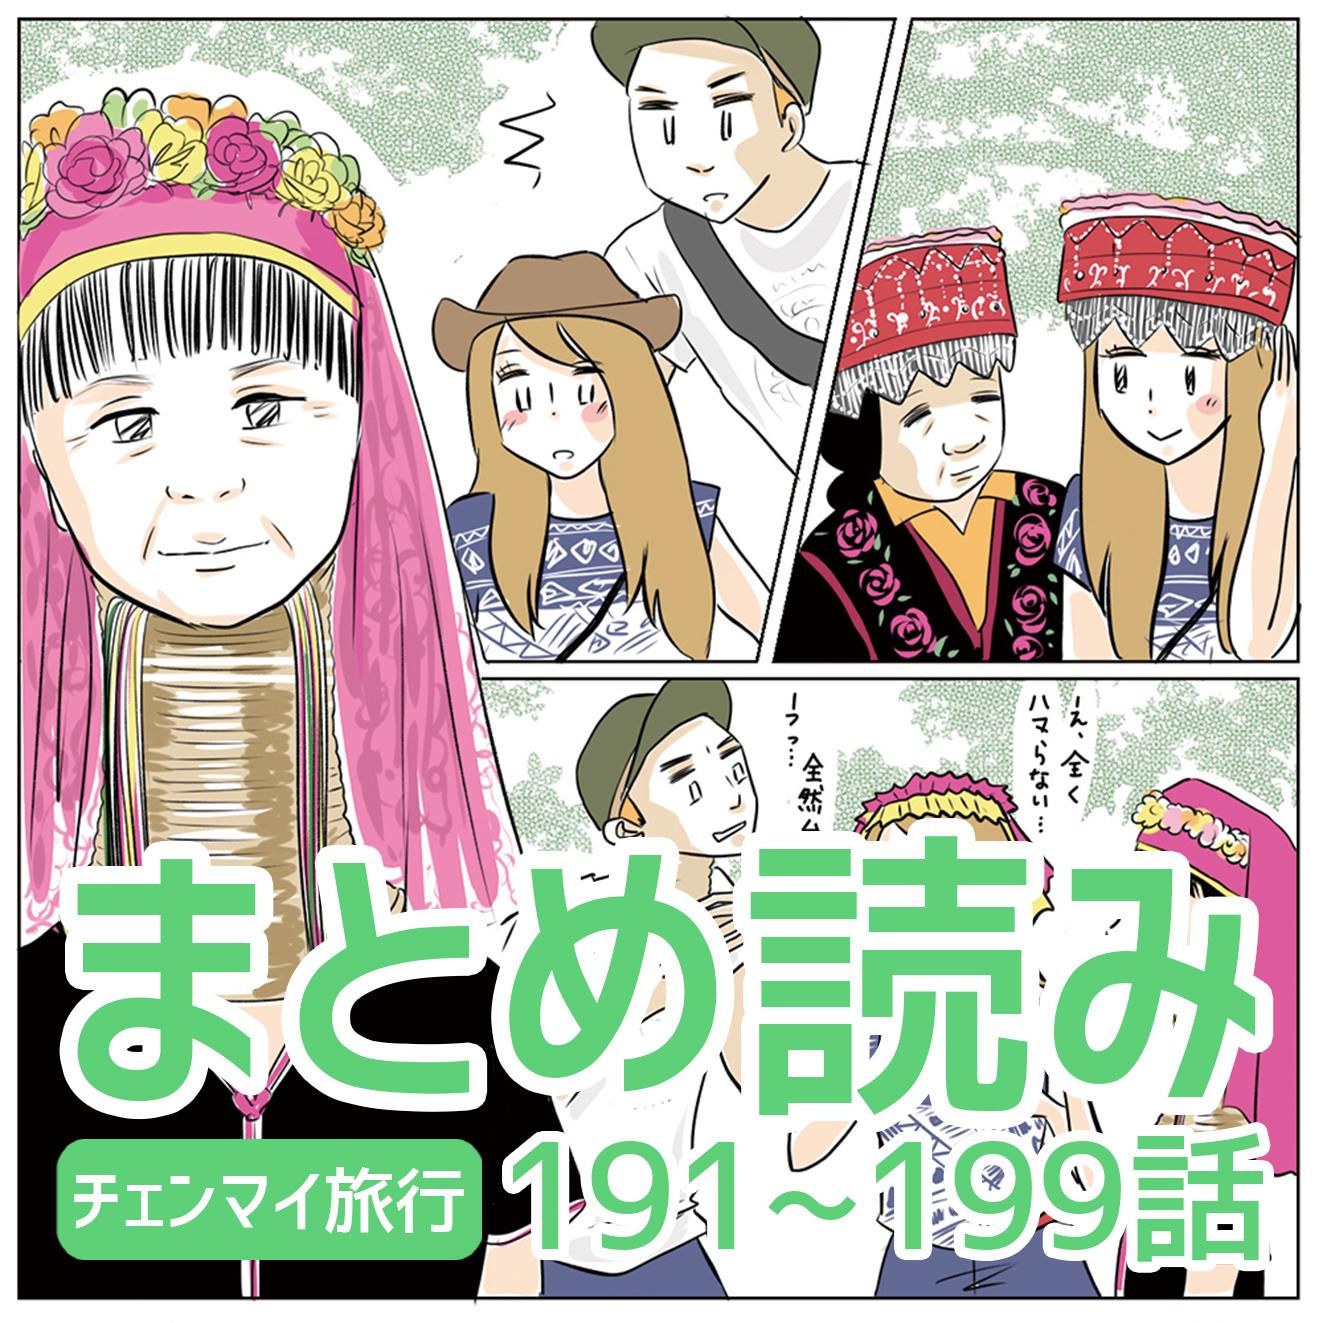 まとめ読みタイトル画像191~199